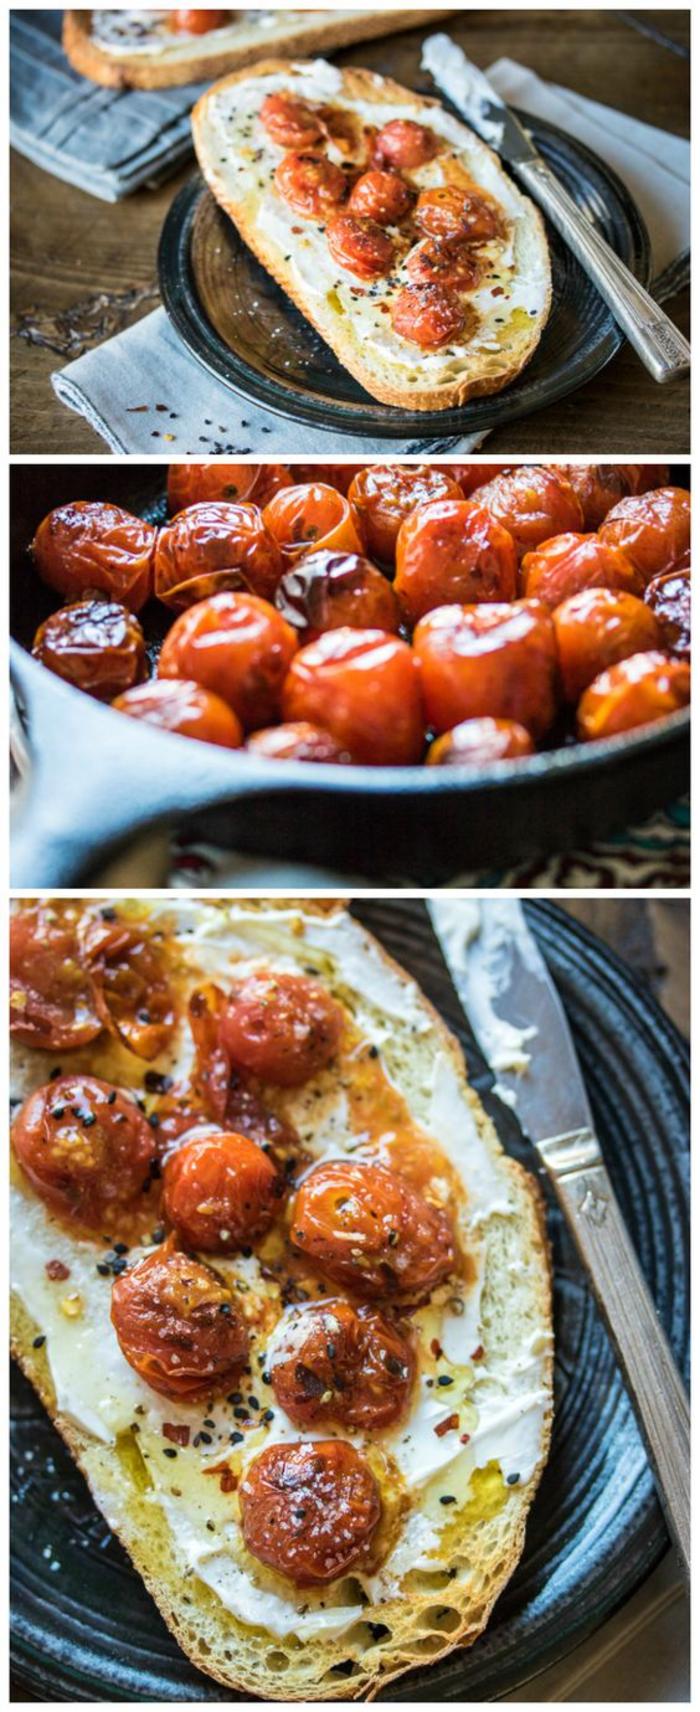 recette de tartine italienne ultra facile aux tomates cerises poêlées et au mascarpone